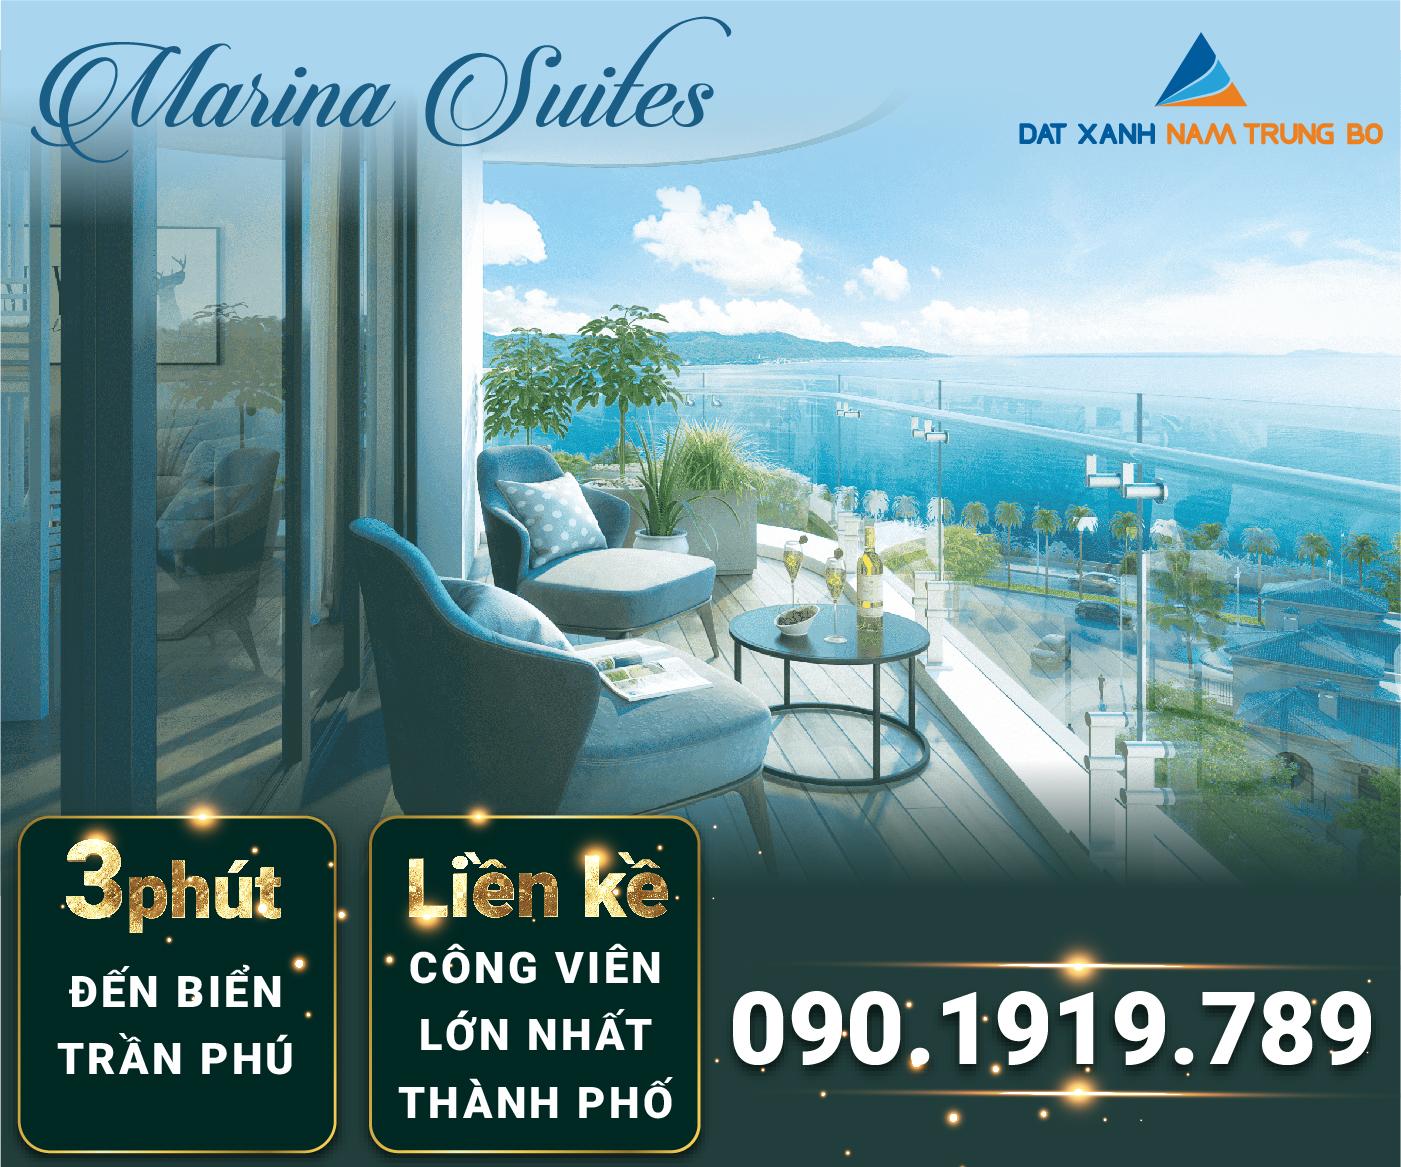 căn hộ nghỉ dưỡng Marina Suites